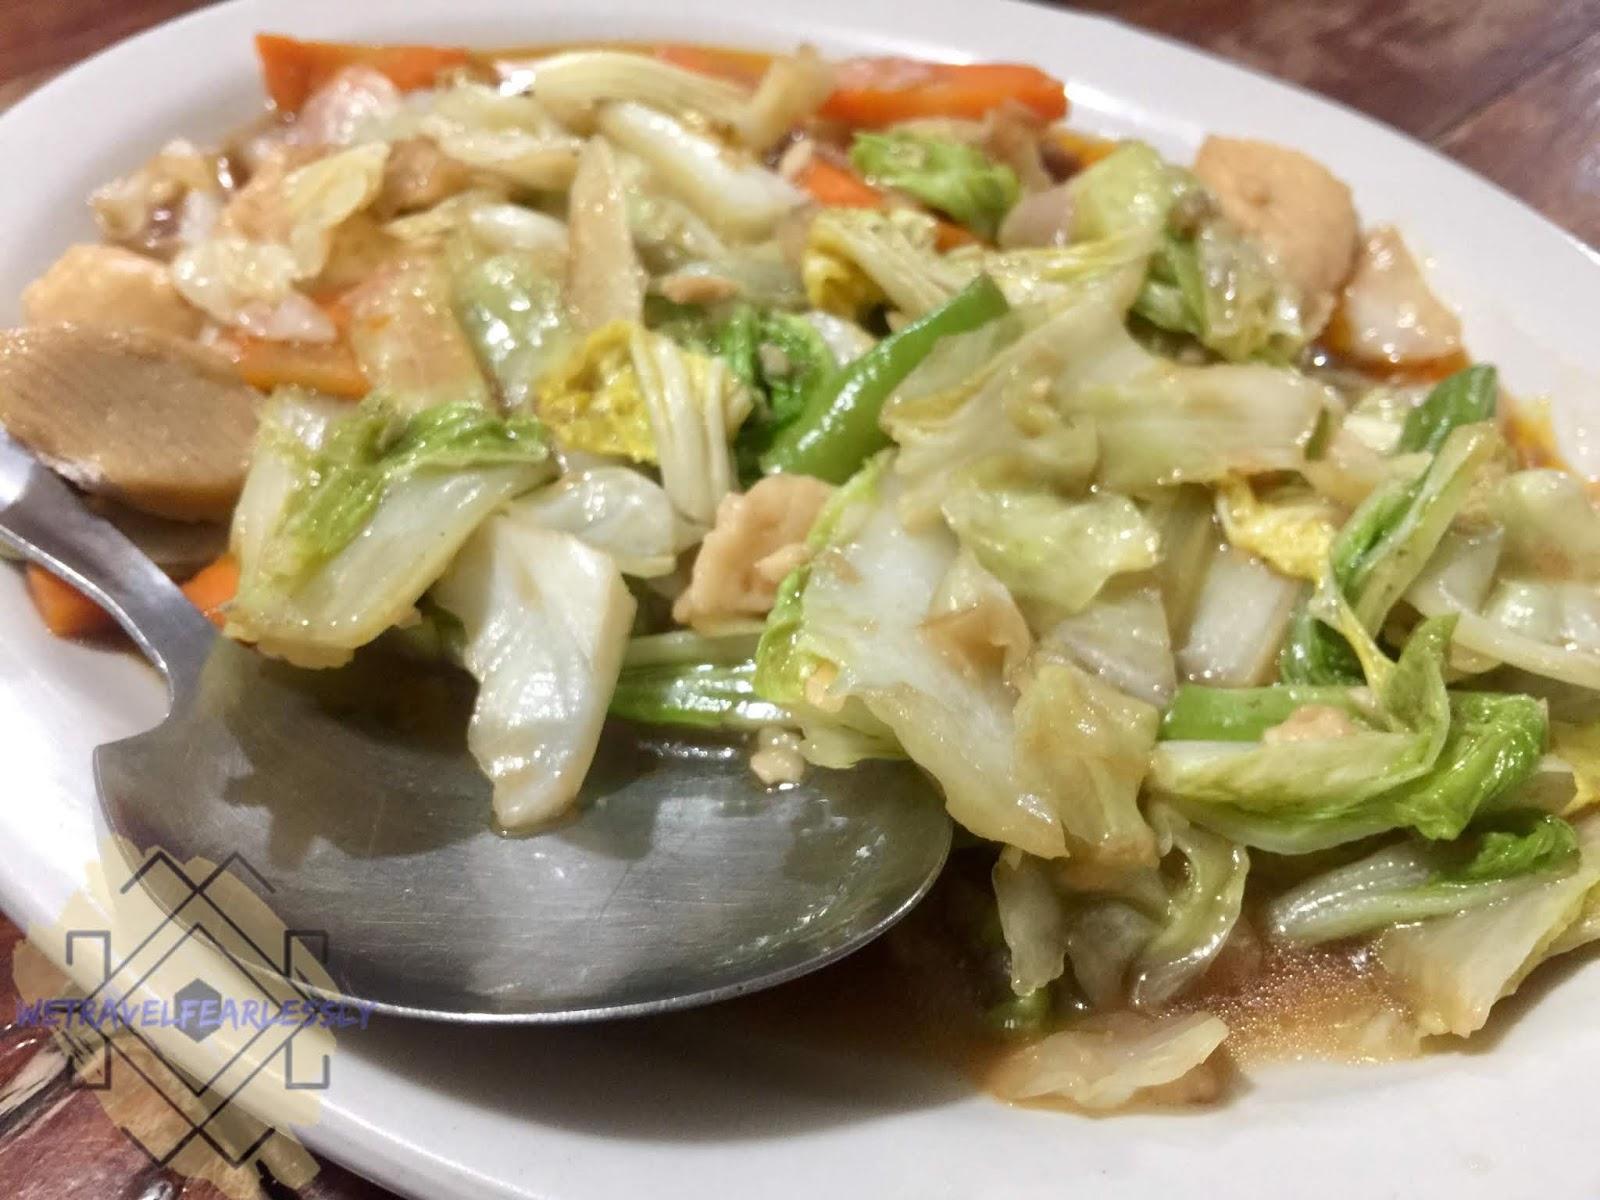 Gising-gising in Tuki's Food Station in Manggahan, Pasig